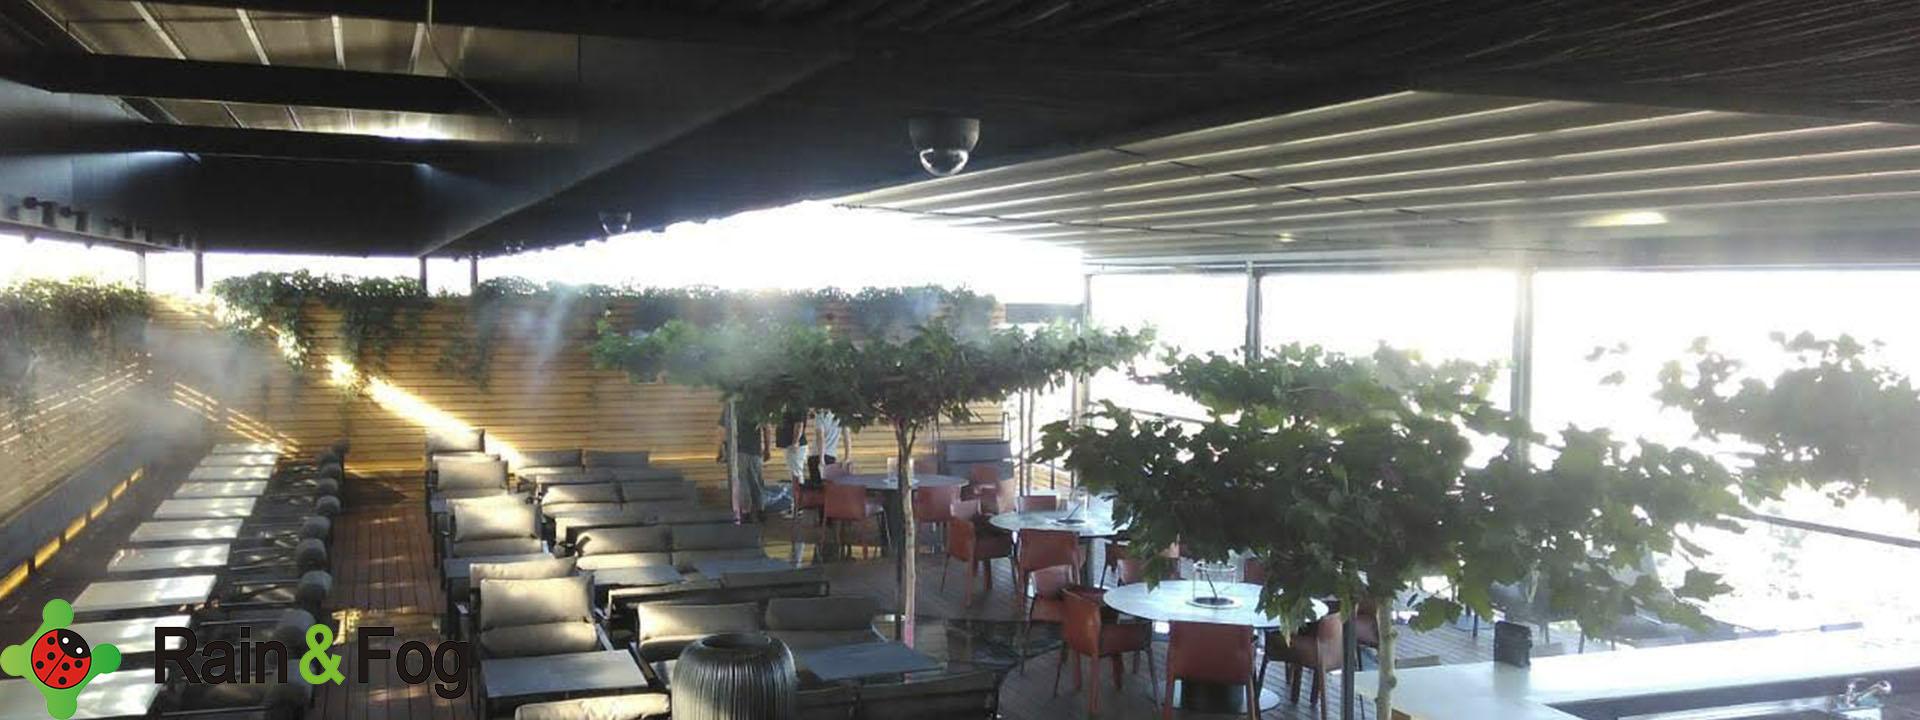 SAFARI-Restaurant-Lounge-Bar-R-3